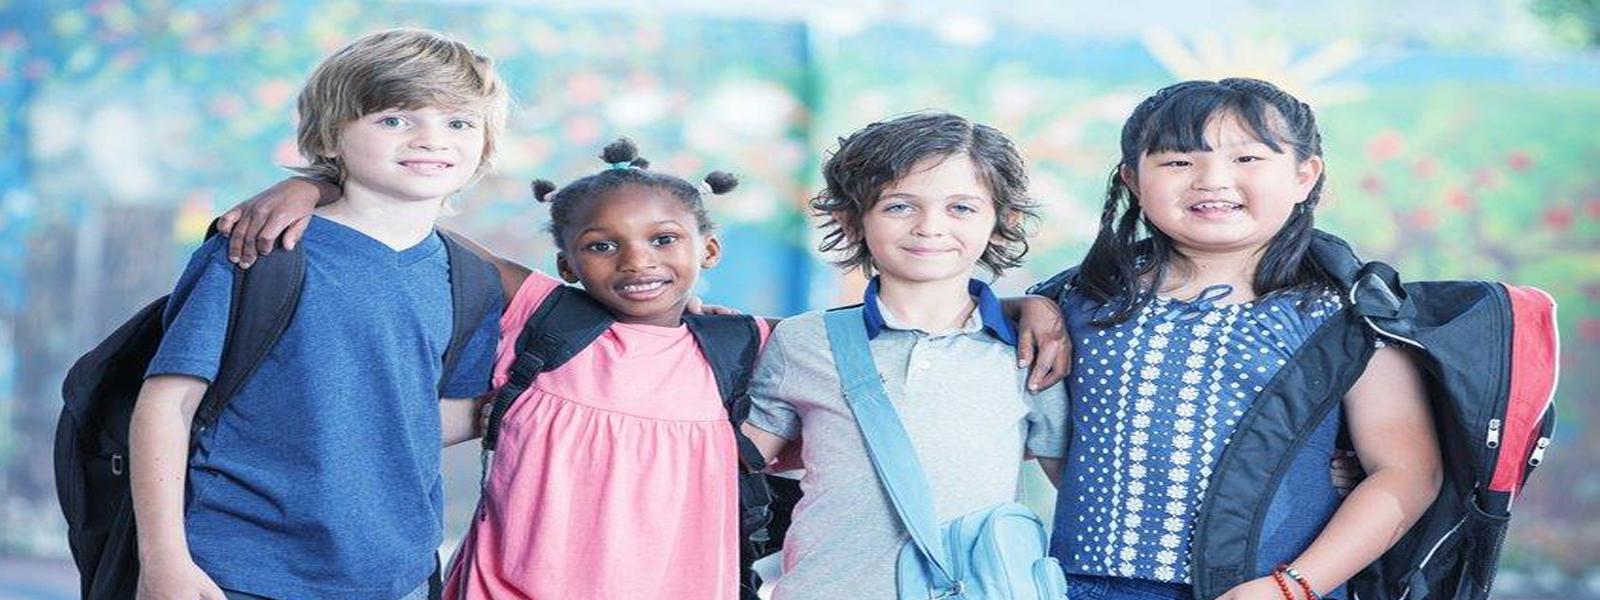 couvre-poche.fr lutte contre le racisme